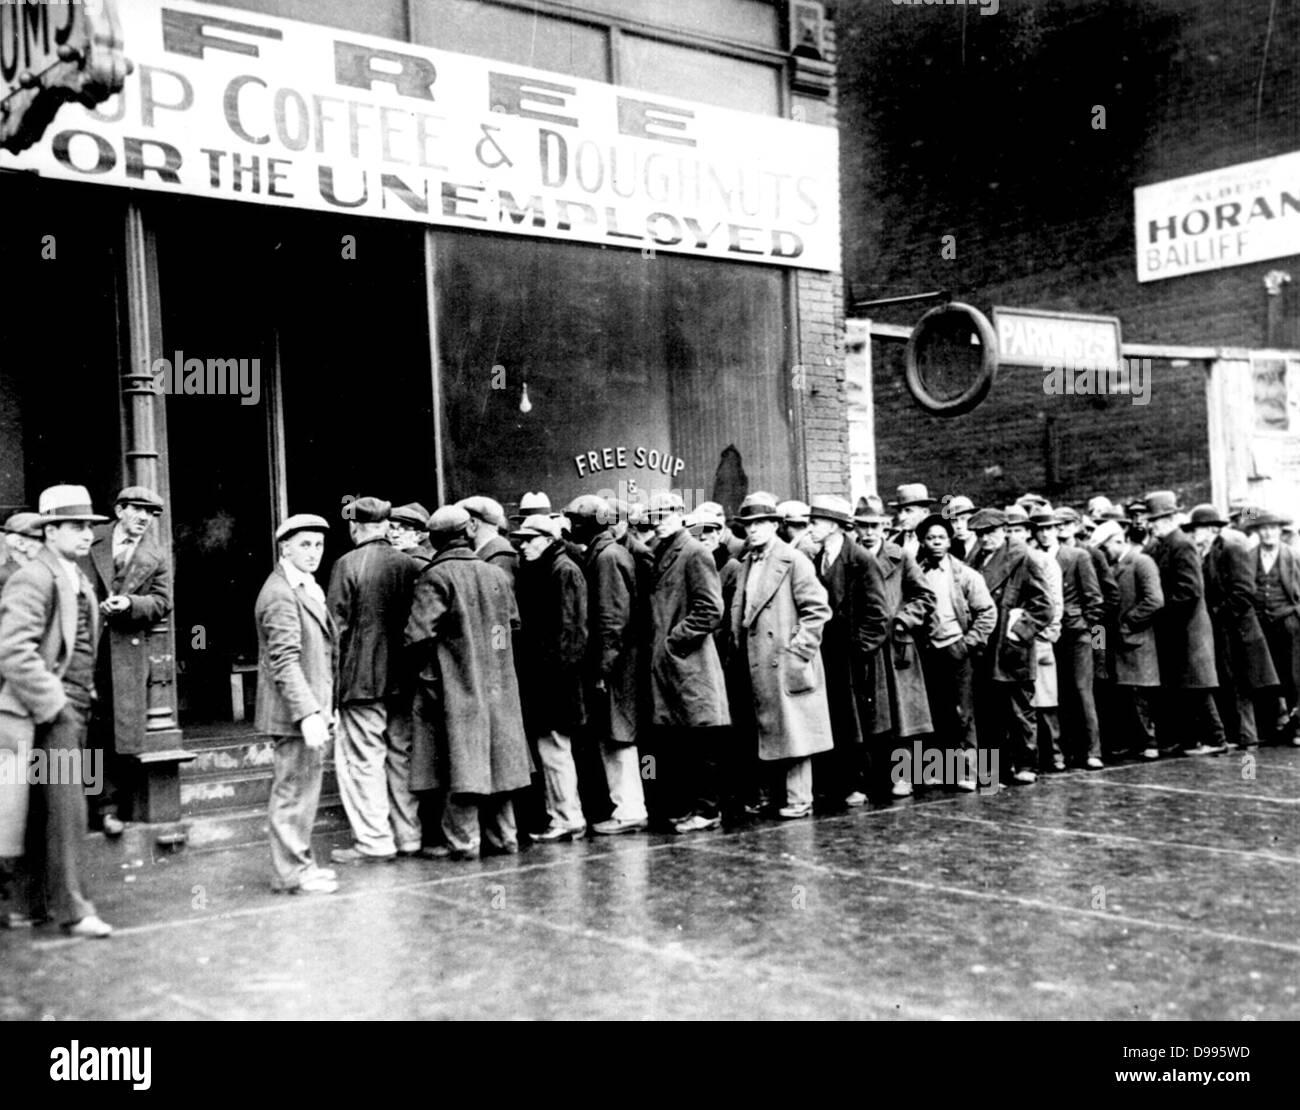 Suppenküche für Arbeitslose in New York um 1930 Stockfoto, Bild ...